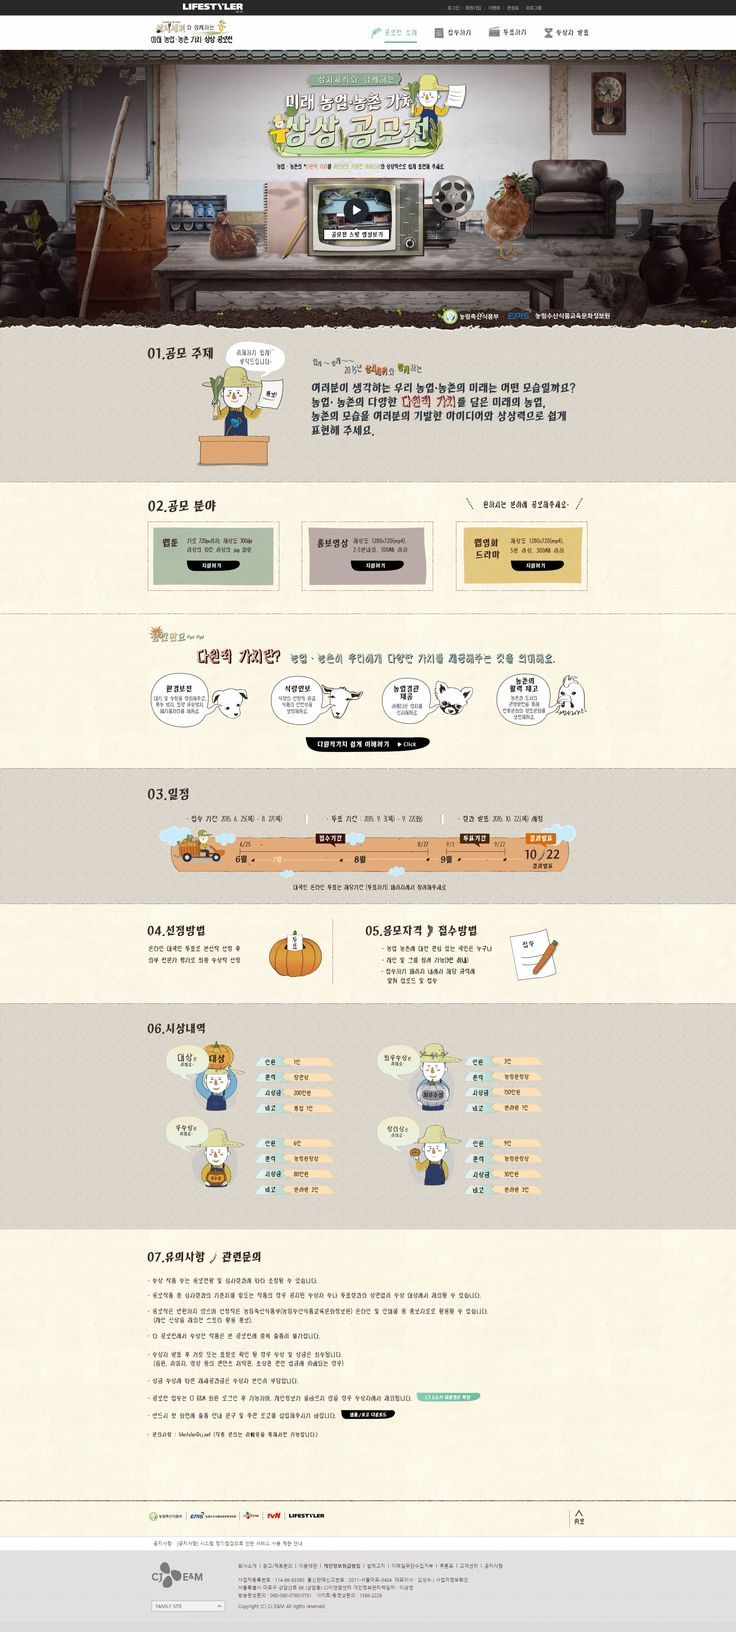 [CJ E&M] 미래 농업 농촌 가치 상상 공모전